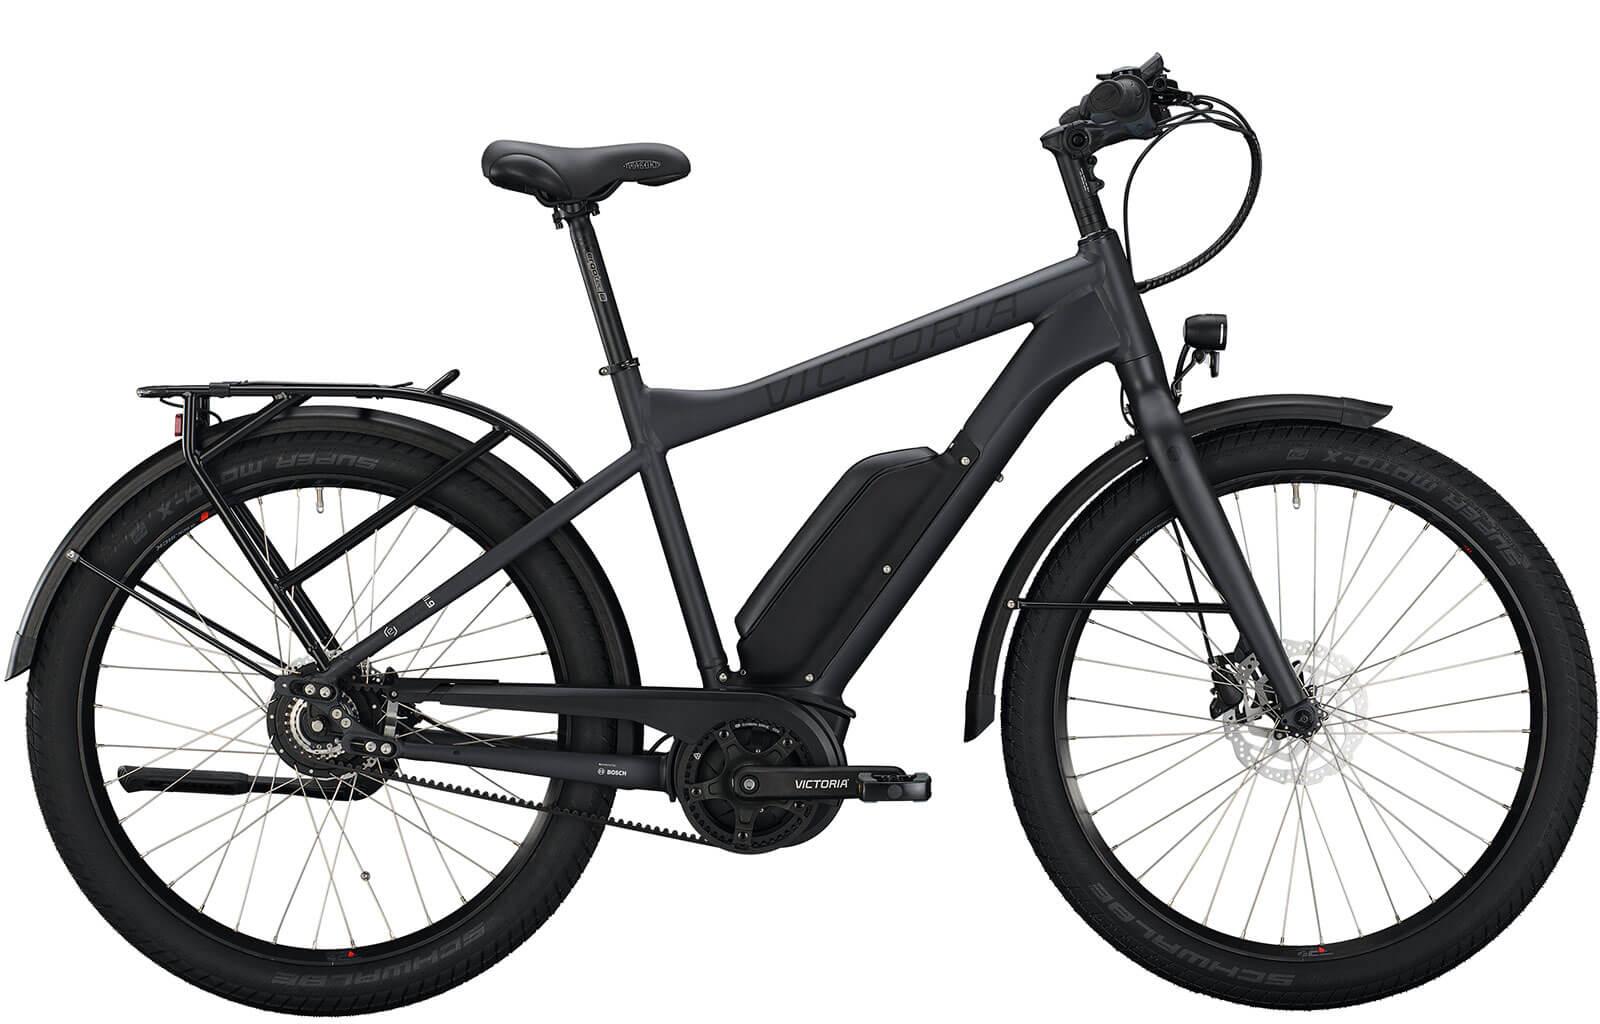 victoria e bike 11 9 e urban enviolo tr traploos nuvinci modelj 20 delta bikes. Black Bedroom Furniture Sets. Home Design Ideas